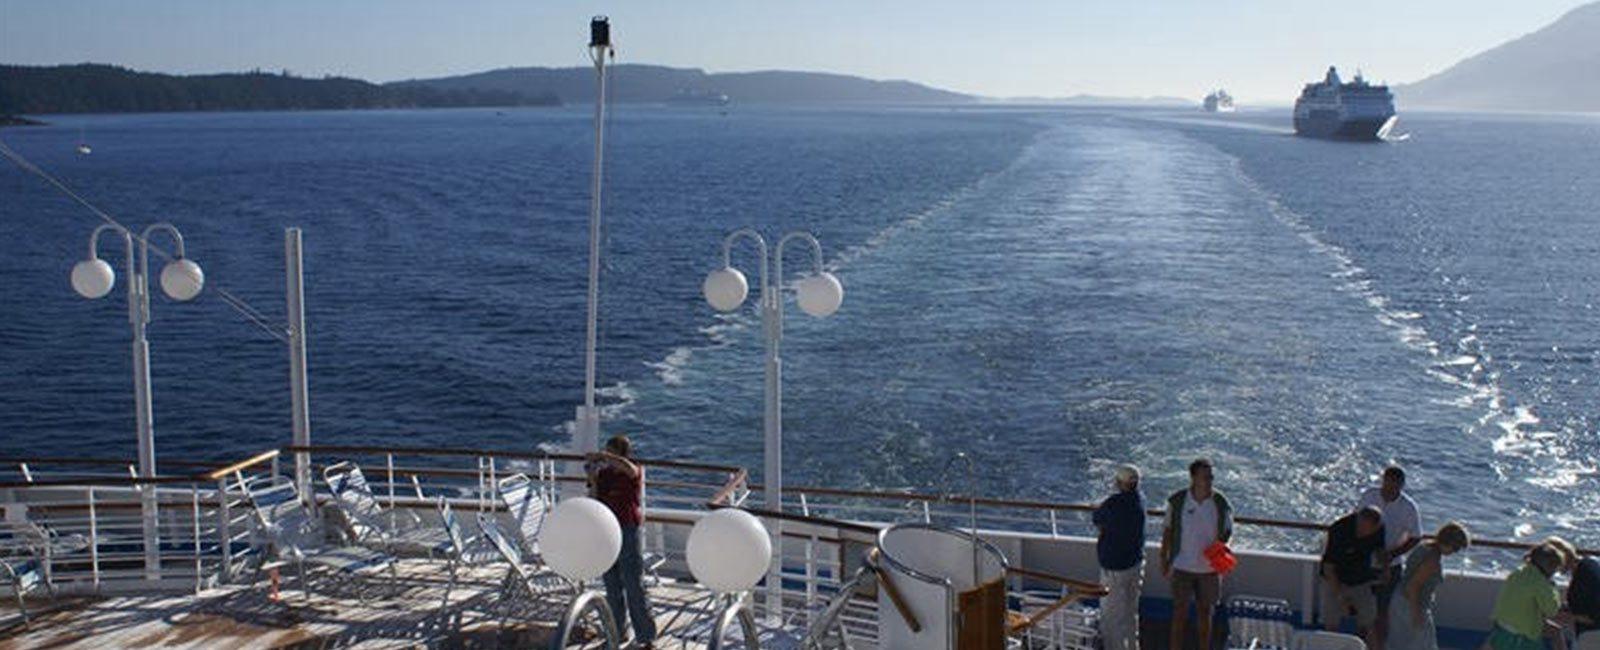 Sailing towards Sustainability